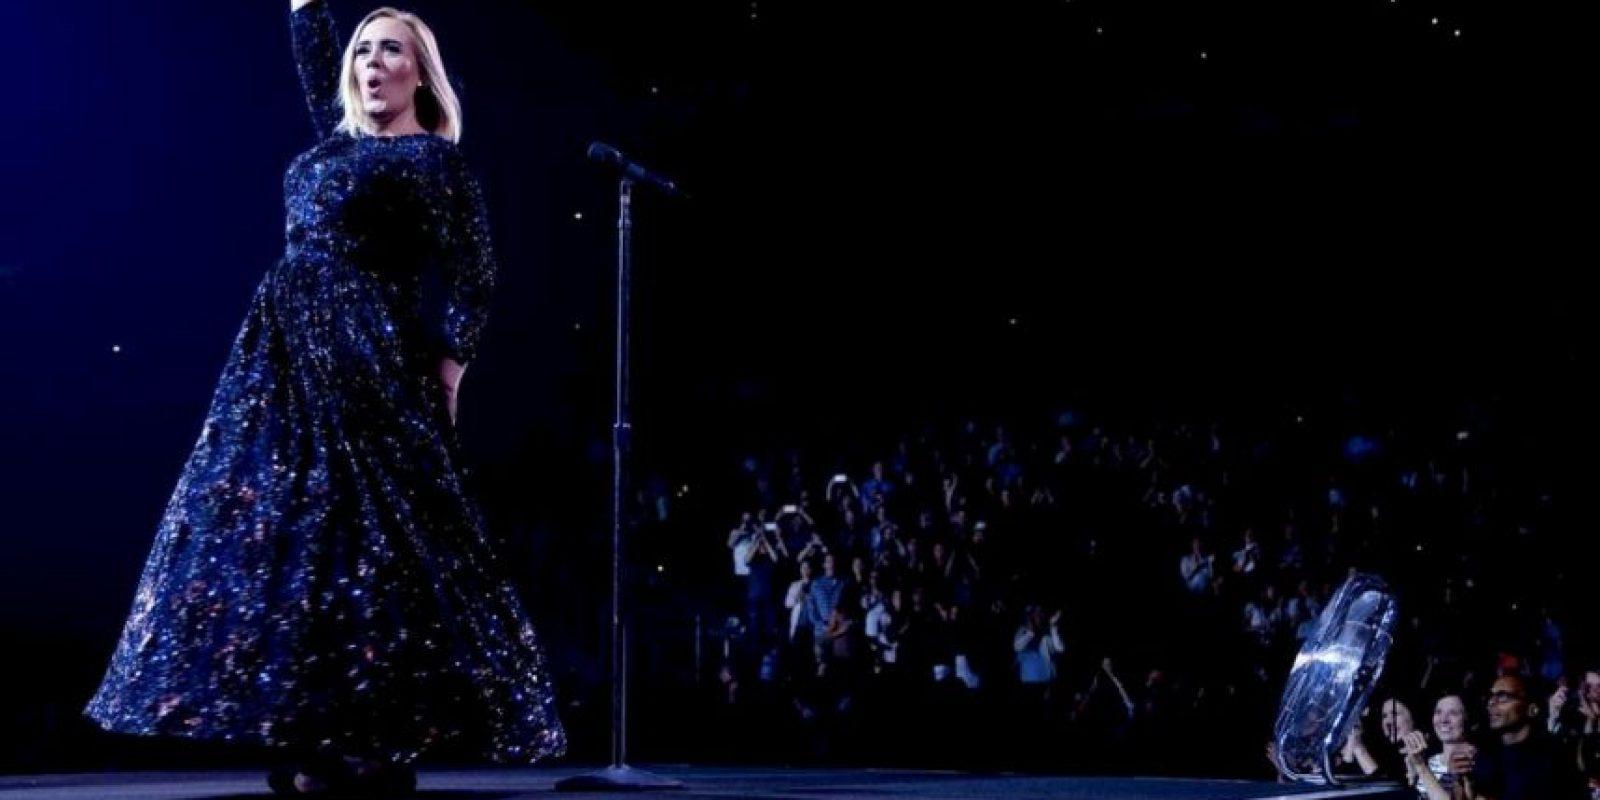 La cantante se negó a ser la estrella del Super Bowl en 2017 Foto:Instagram @adele